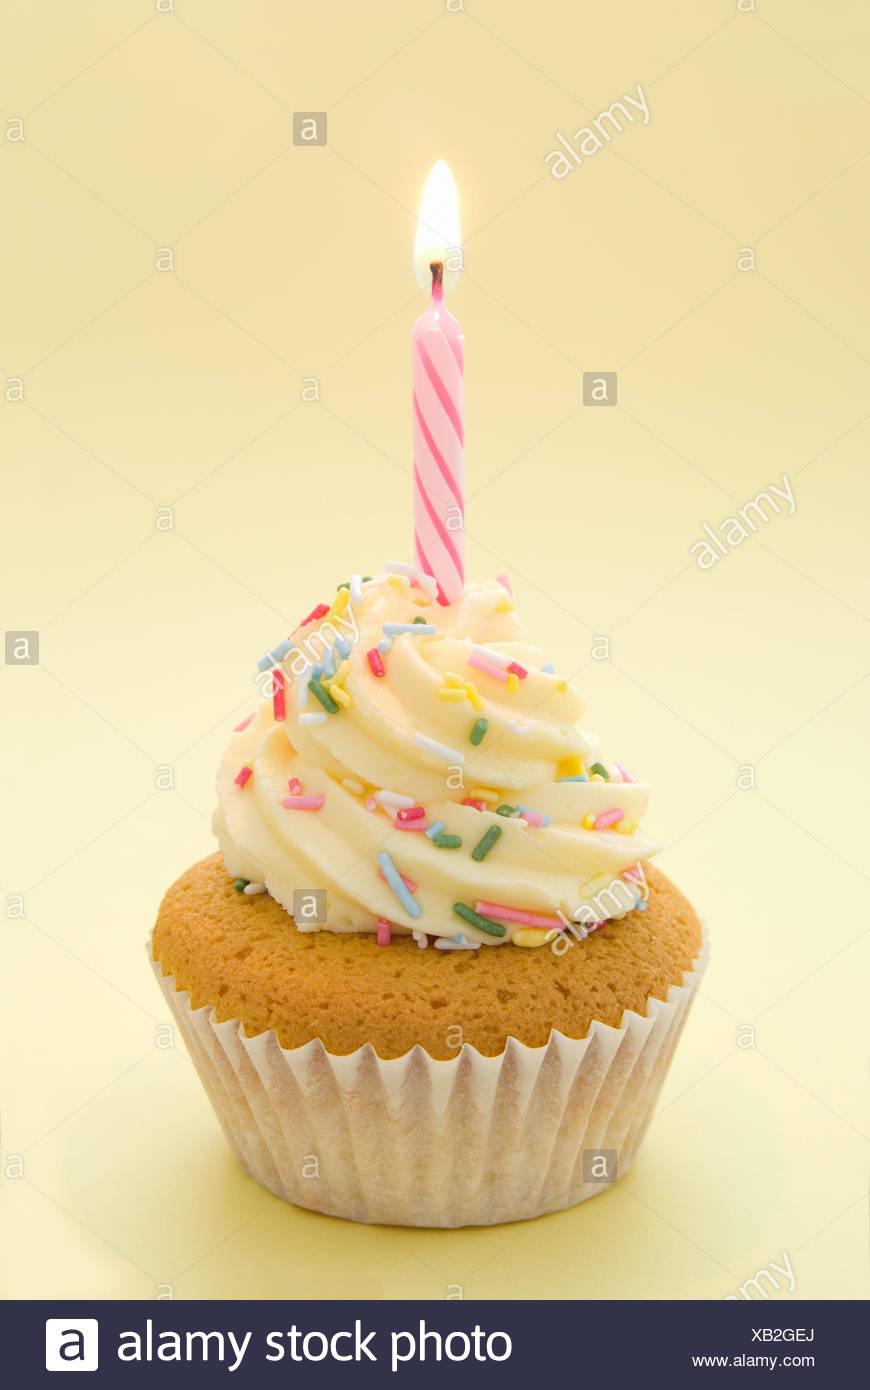 Kerze Kuchen Kuchen Geburtstag Essen Aliment Bunte Susse Farbige